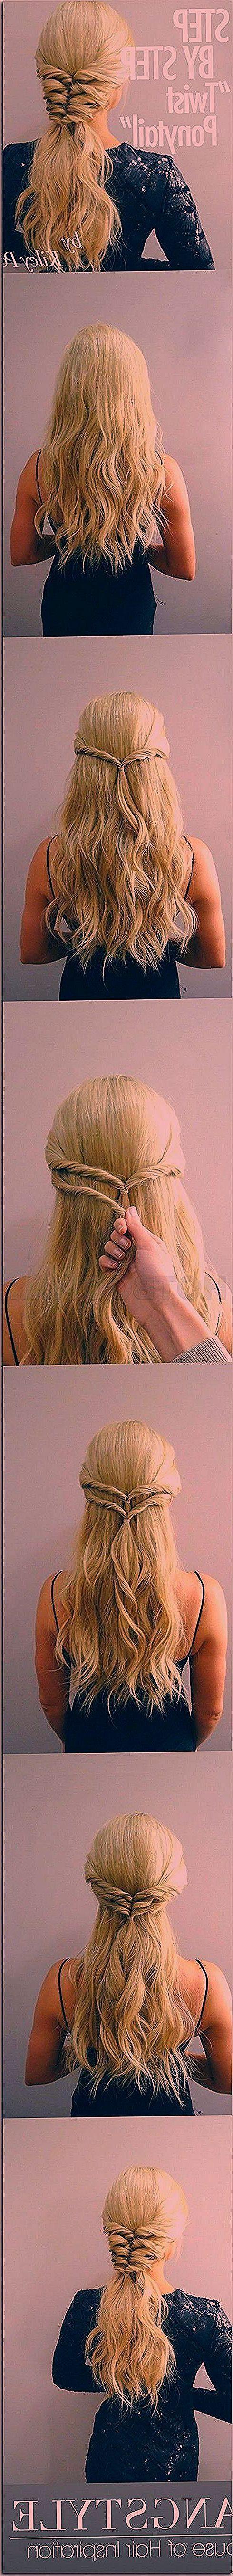 BESUCHEN SIE FÜR MEHR Frisuren für Frauen, kurz, mittelgroß, mit Pony aus kurzem Haar …